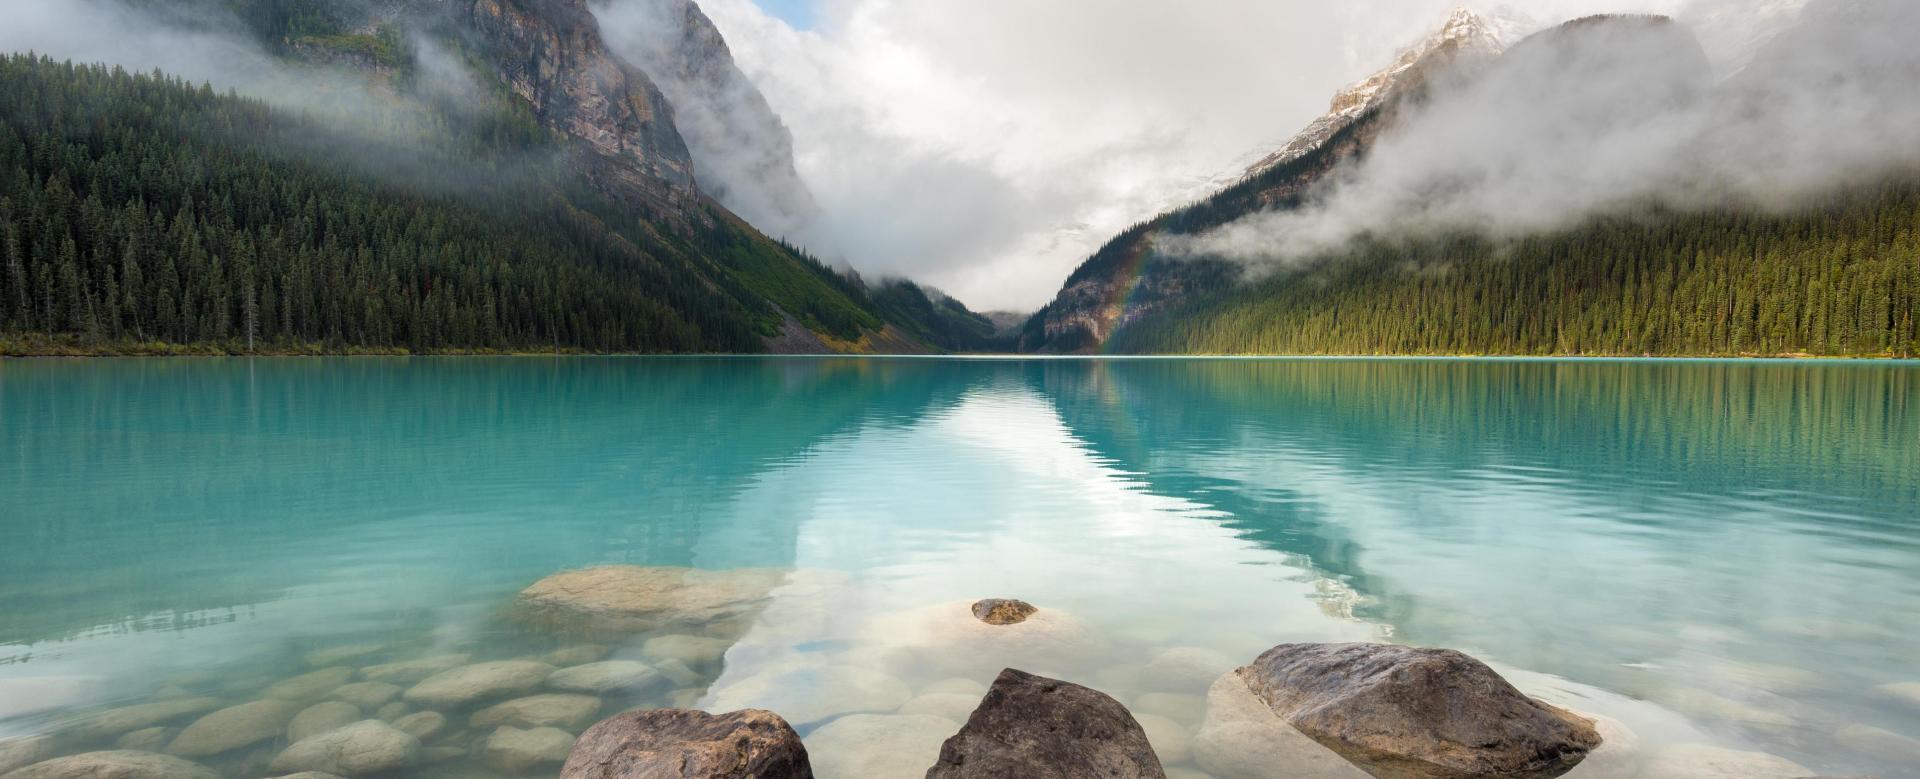 Voyage à pied Canada : Des rocheuses au pacifique